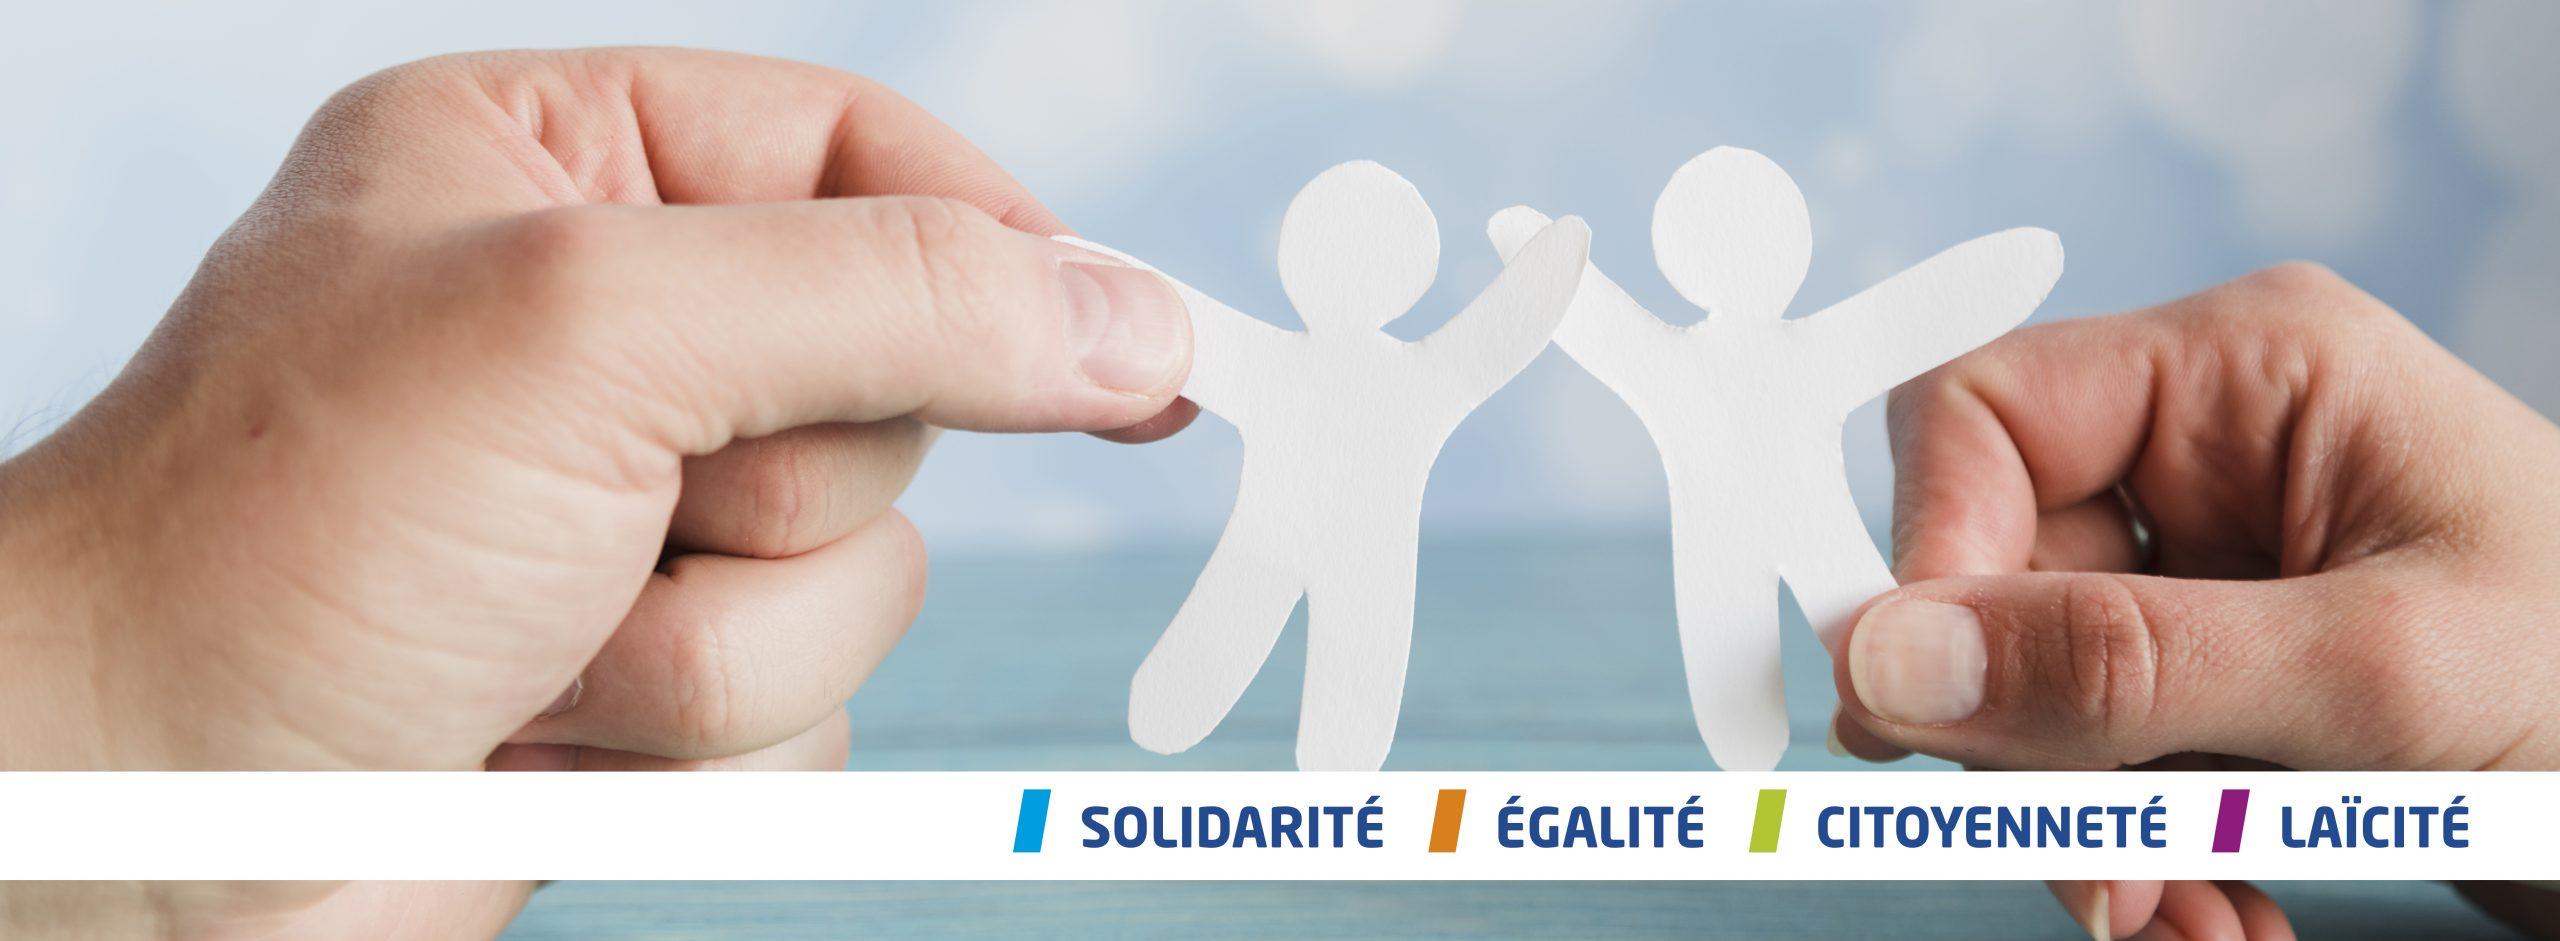 PEP 87 - Solidarité, égalité, citoyenneté et laïcité